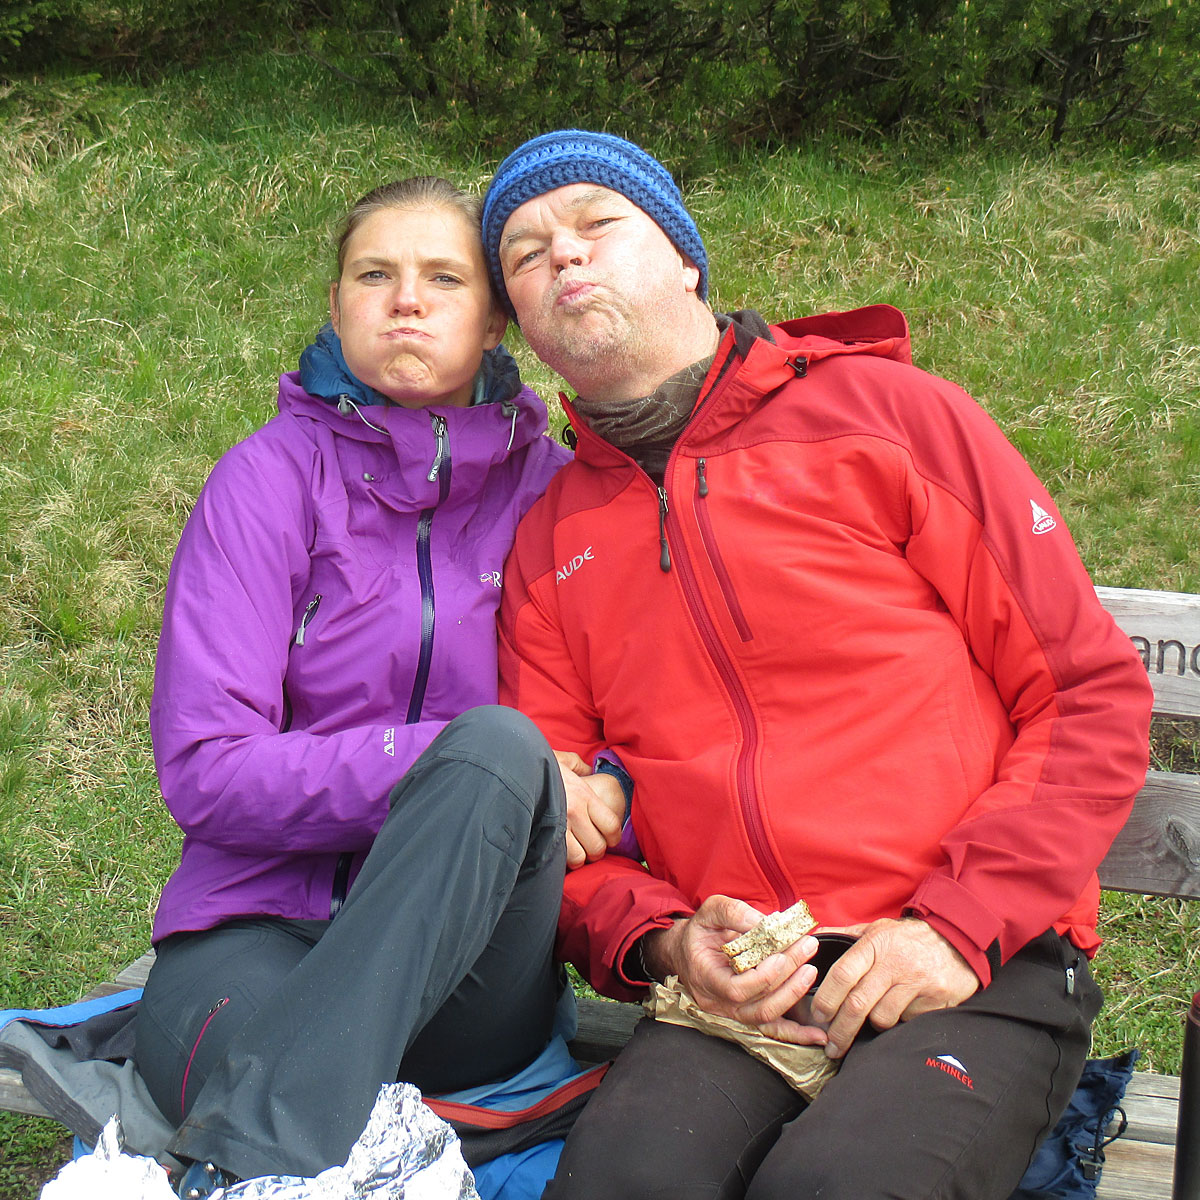 Artikelbild Kramerspitz Grimassenschneider Nina und Michi